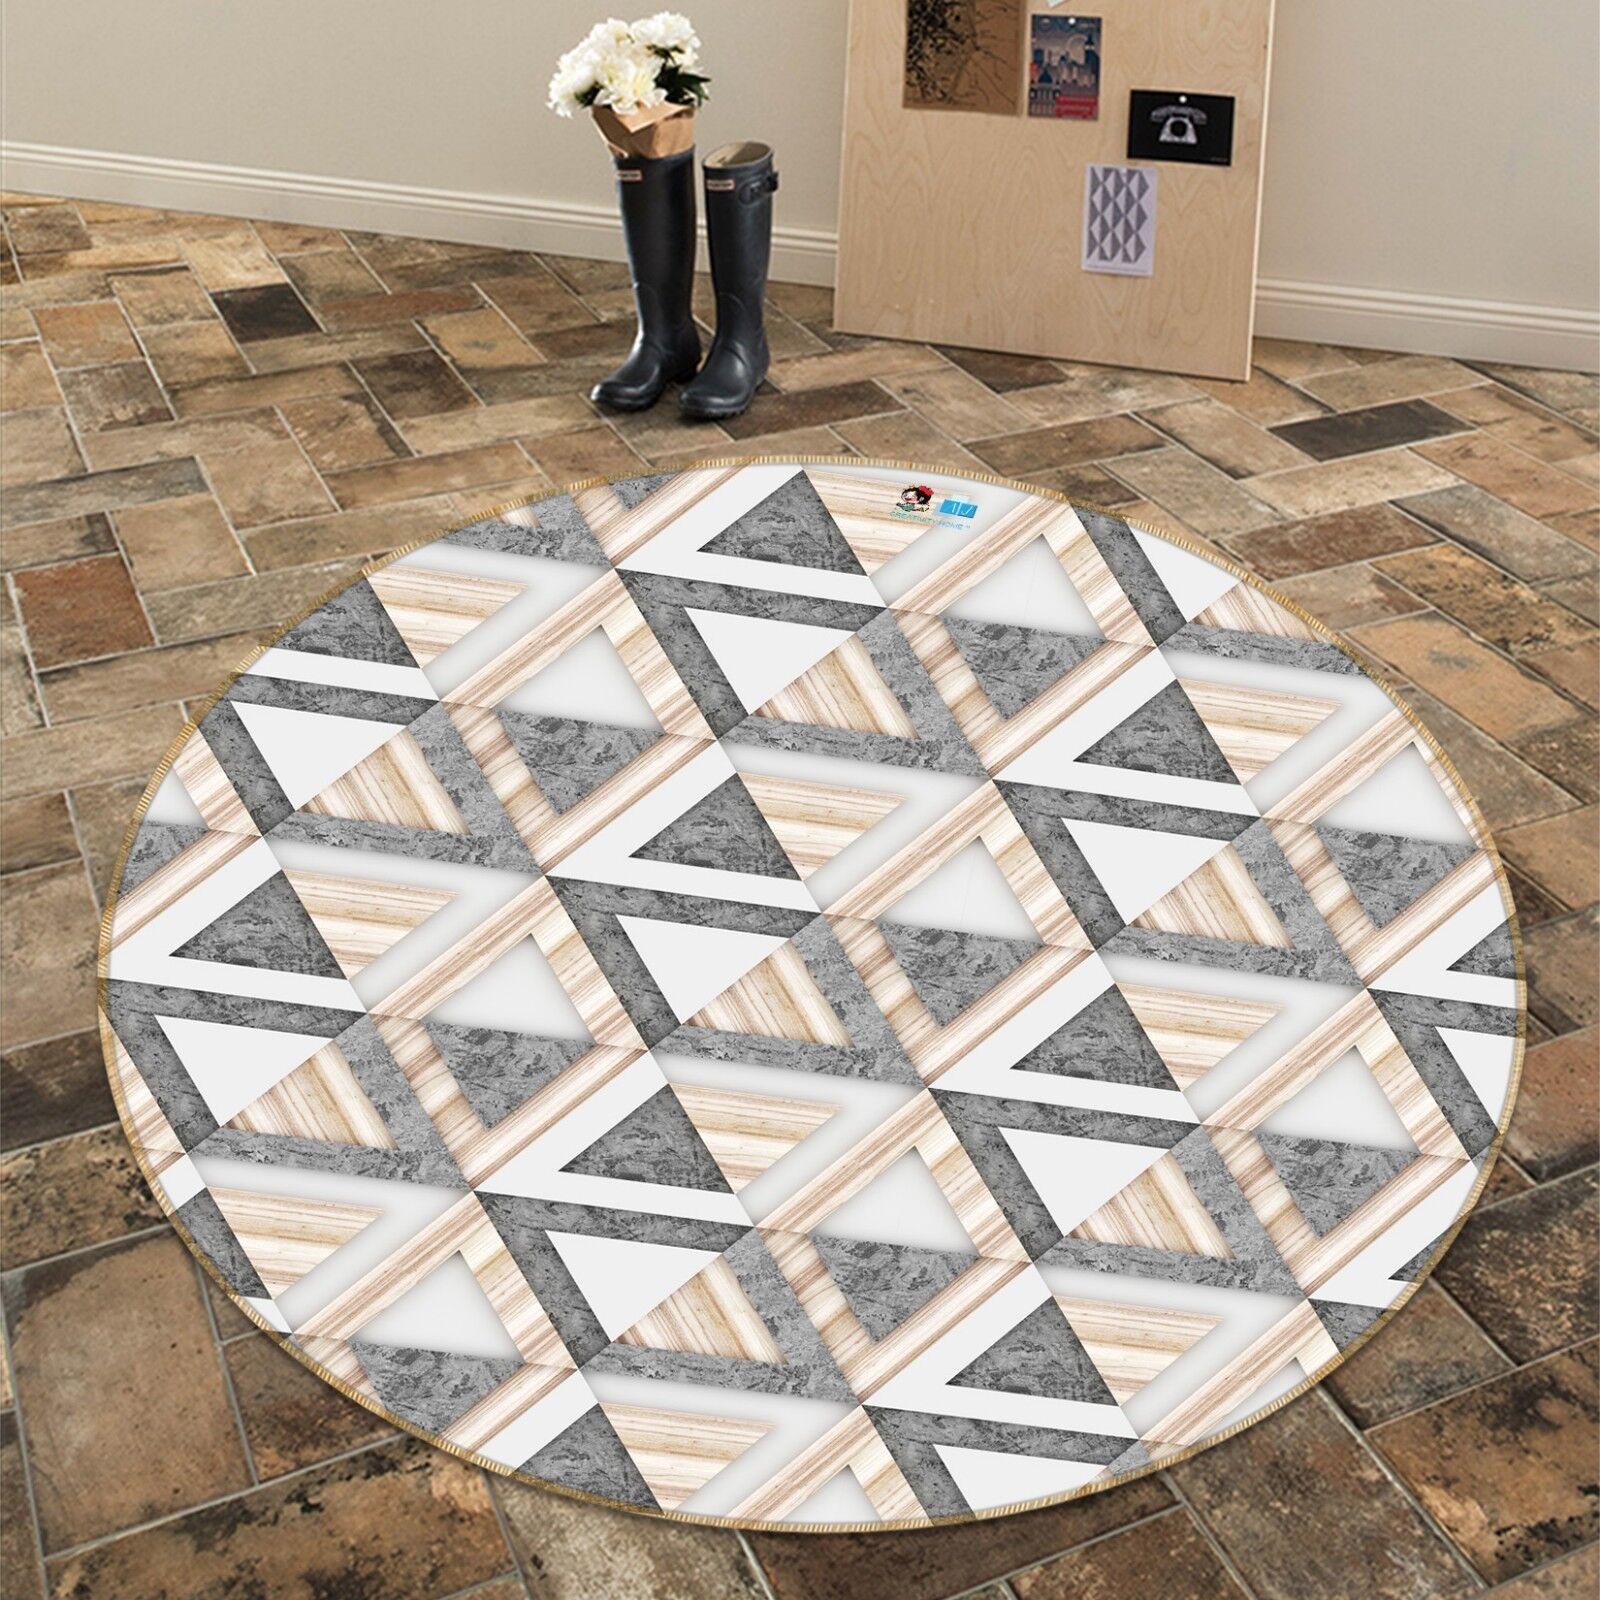 3d triangolo marmo 7 antiscivolo tappeto bagagliaio giri elegante TAPPETO de